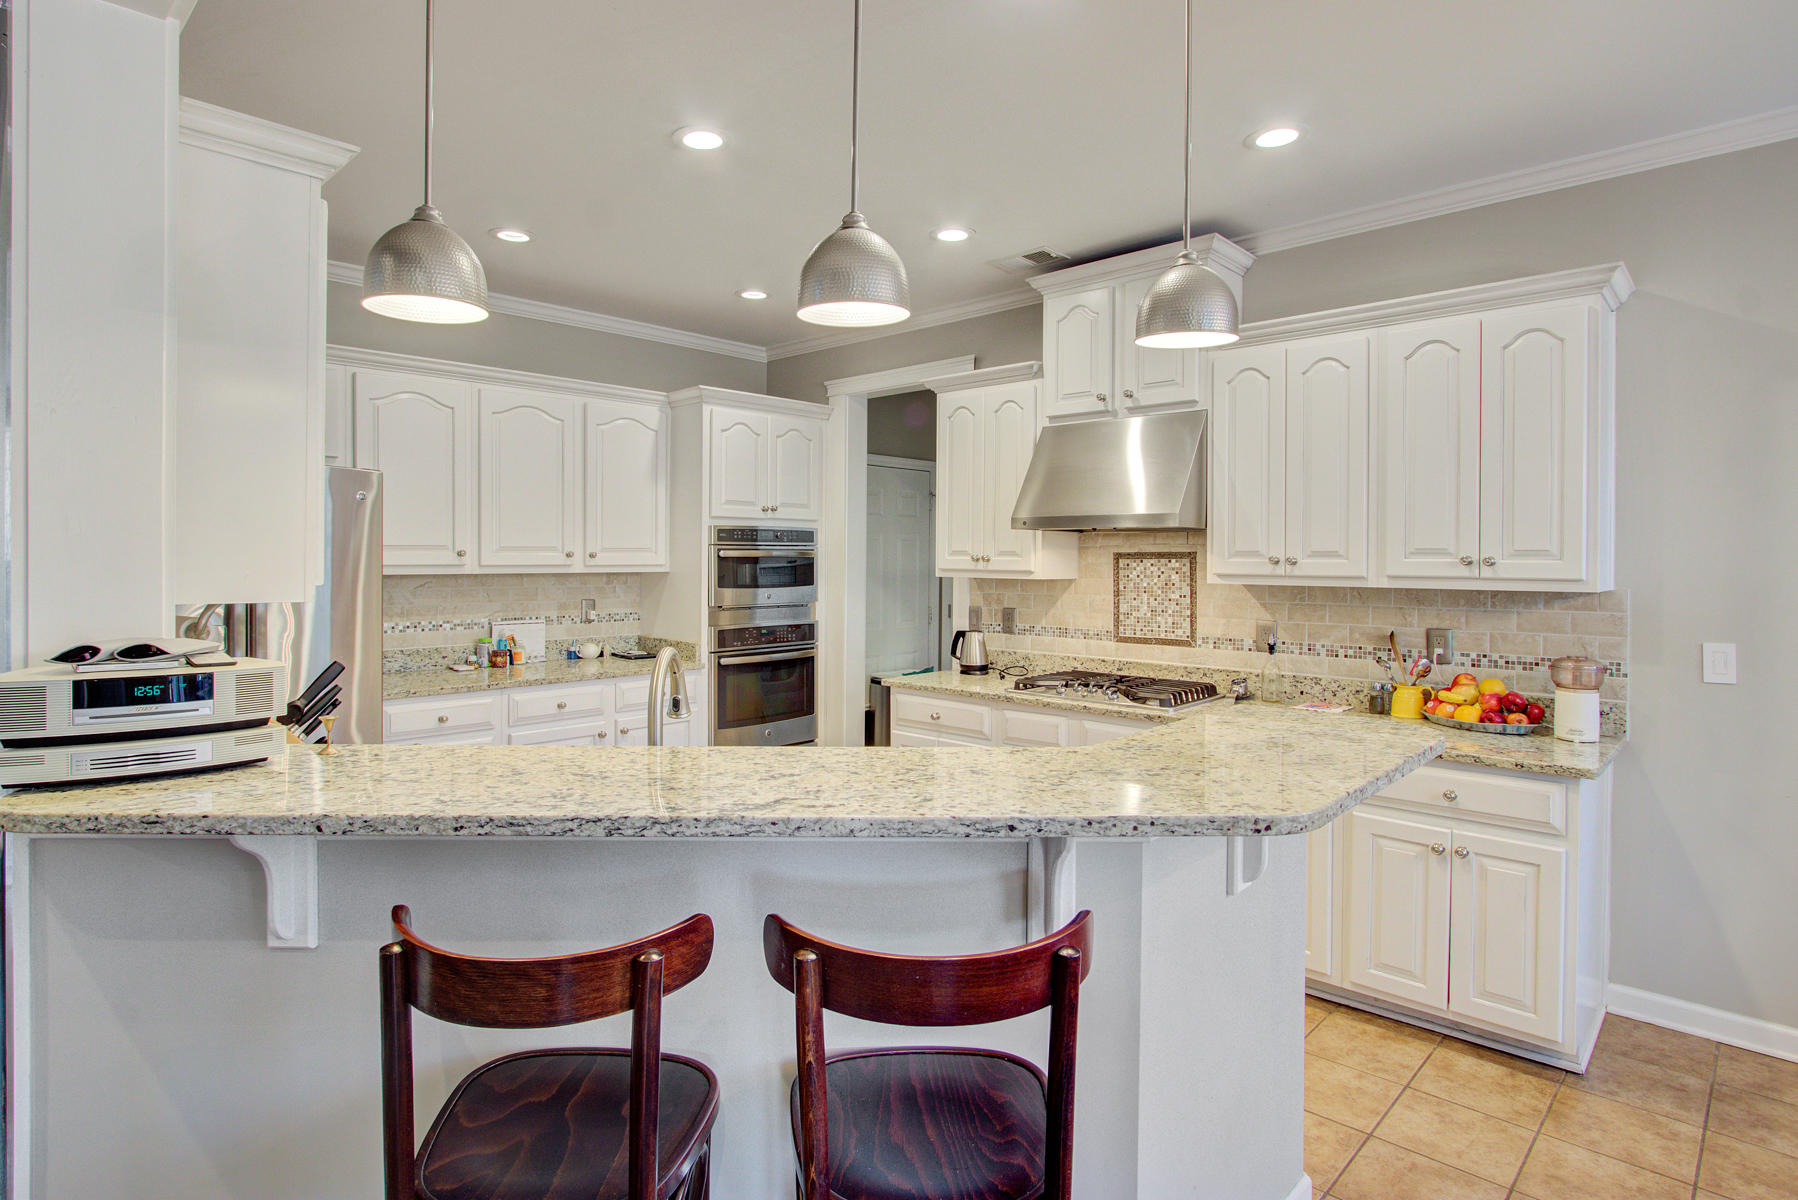 Dunes West Homes For Sale - 2104 Short Grass, Mount Pleasant, SC - 33